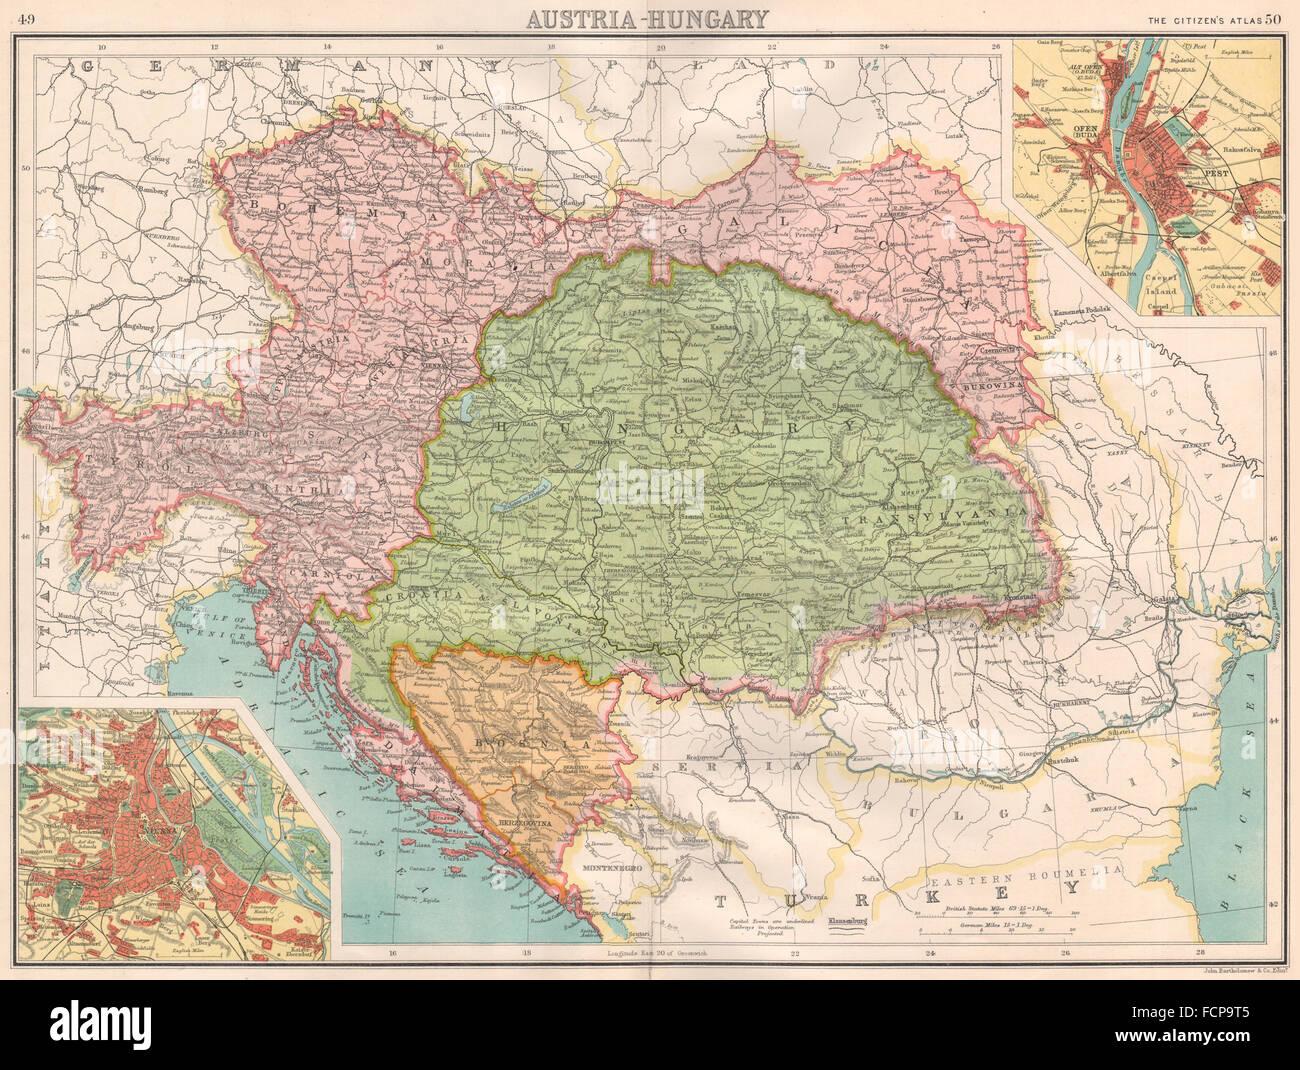 Galizien Karte.österreich Ungarn Bosnien Galizien Bohemia Vienna Offen Buda